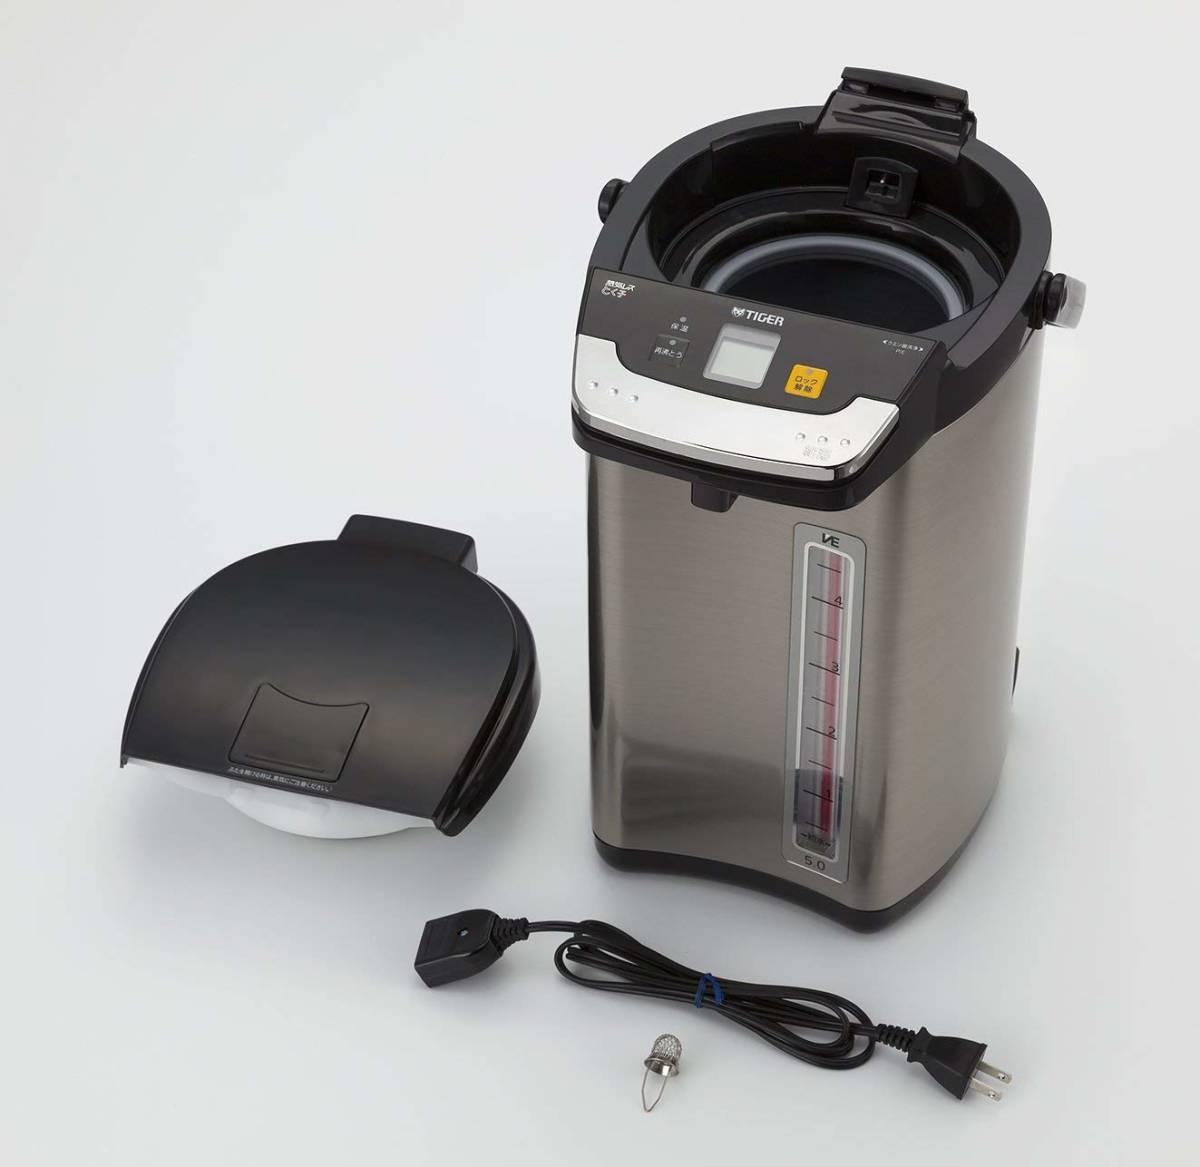 タイガー 魔法瓶 電気 ポット 5L ブラック 蒸気レス 節電 VE 保温 とく子さん PIE-A500-K Tiger_画像3